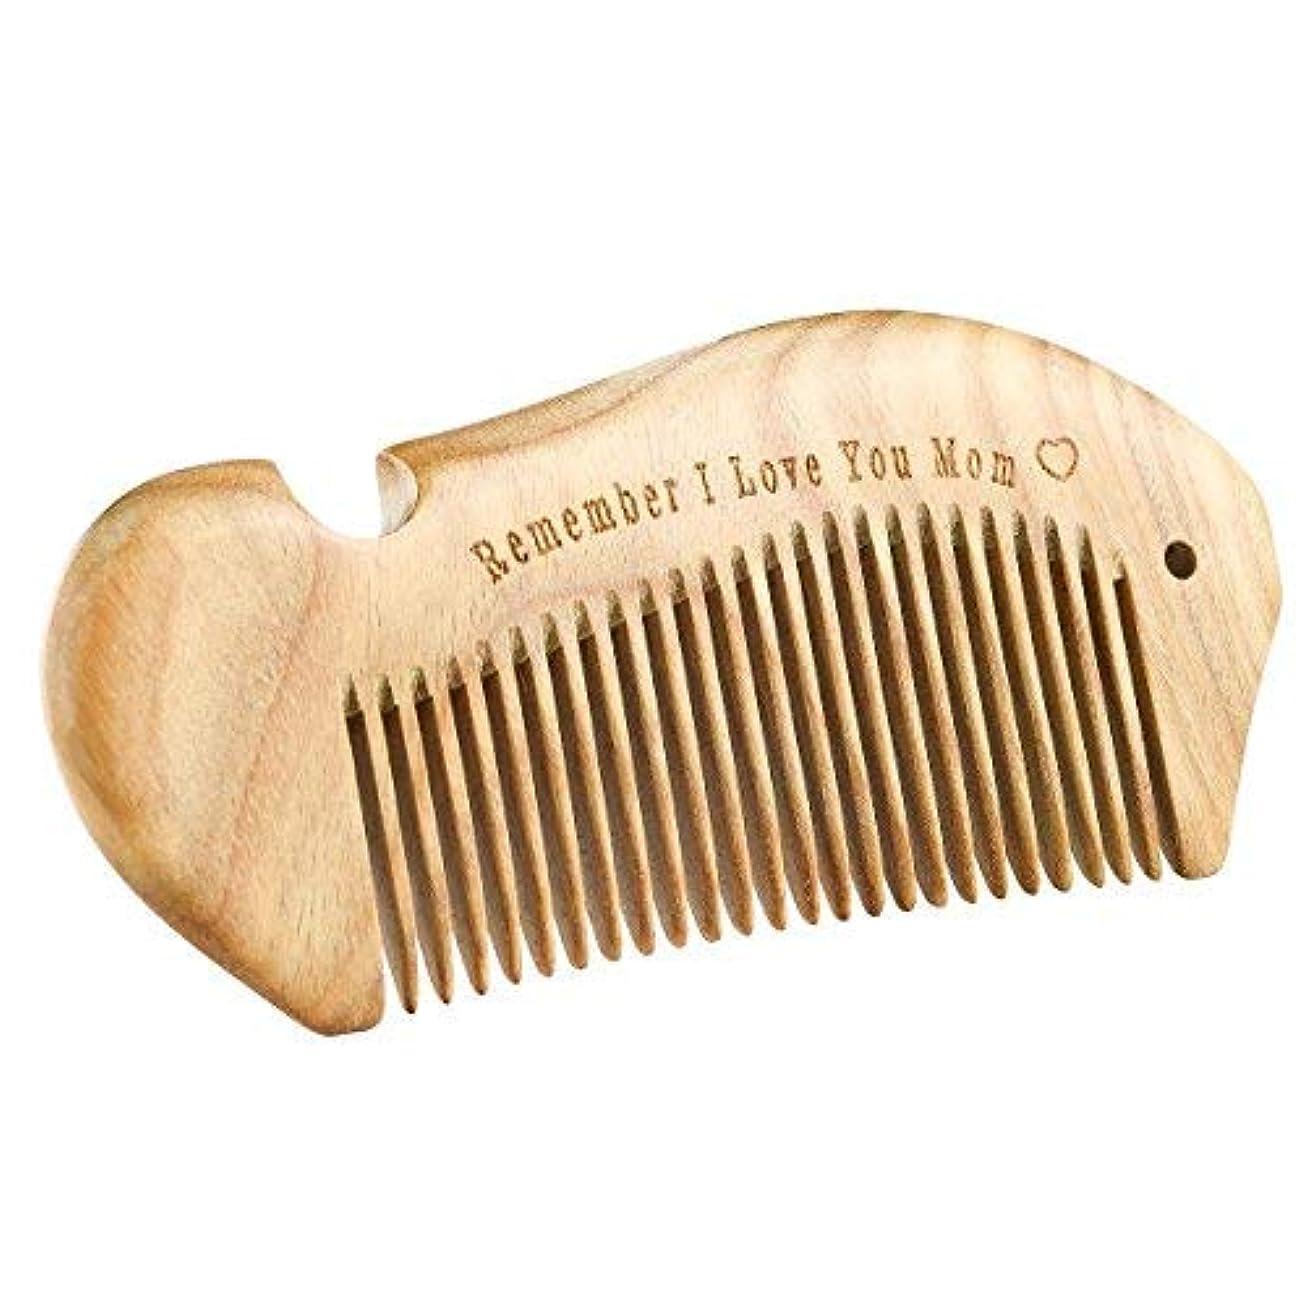 ライラック鷲キャンセルi.VALUX Handmade Sandalwood Hair Comb,No Static Natural Aroma Wood Comb for Curly Hair [並行輸入品]